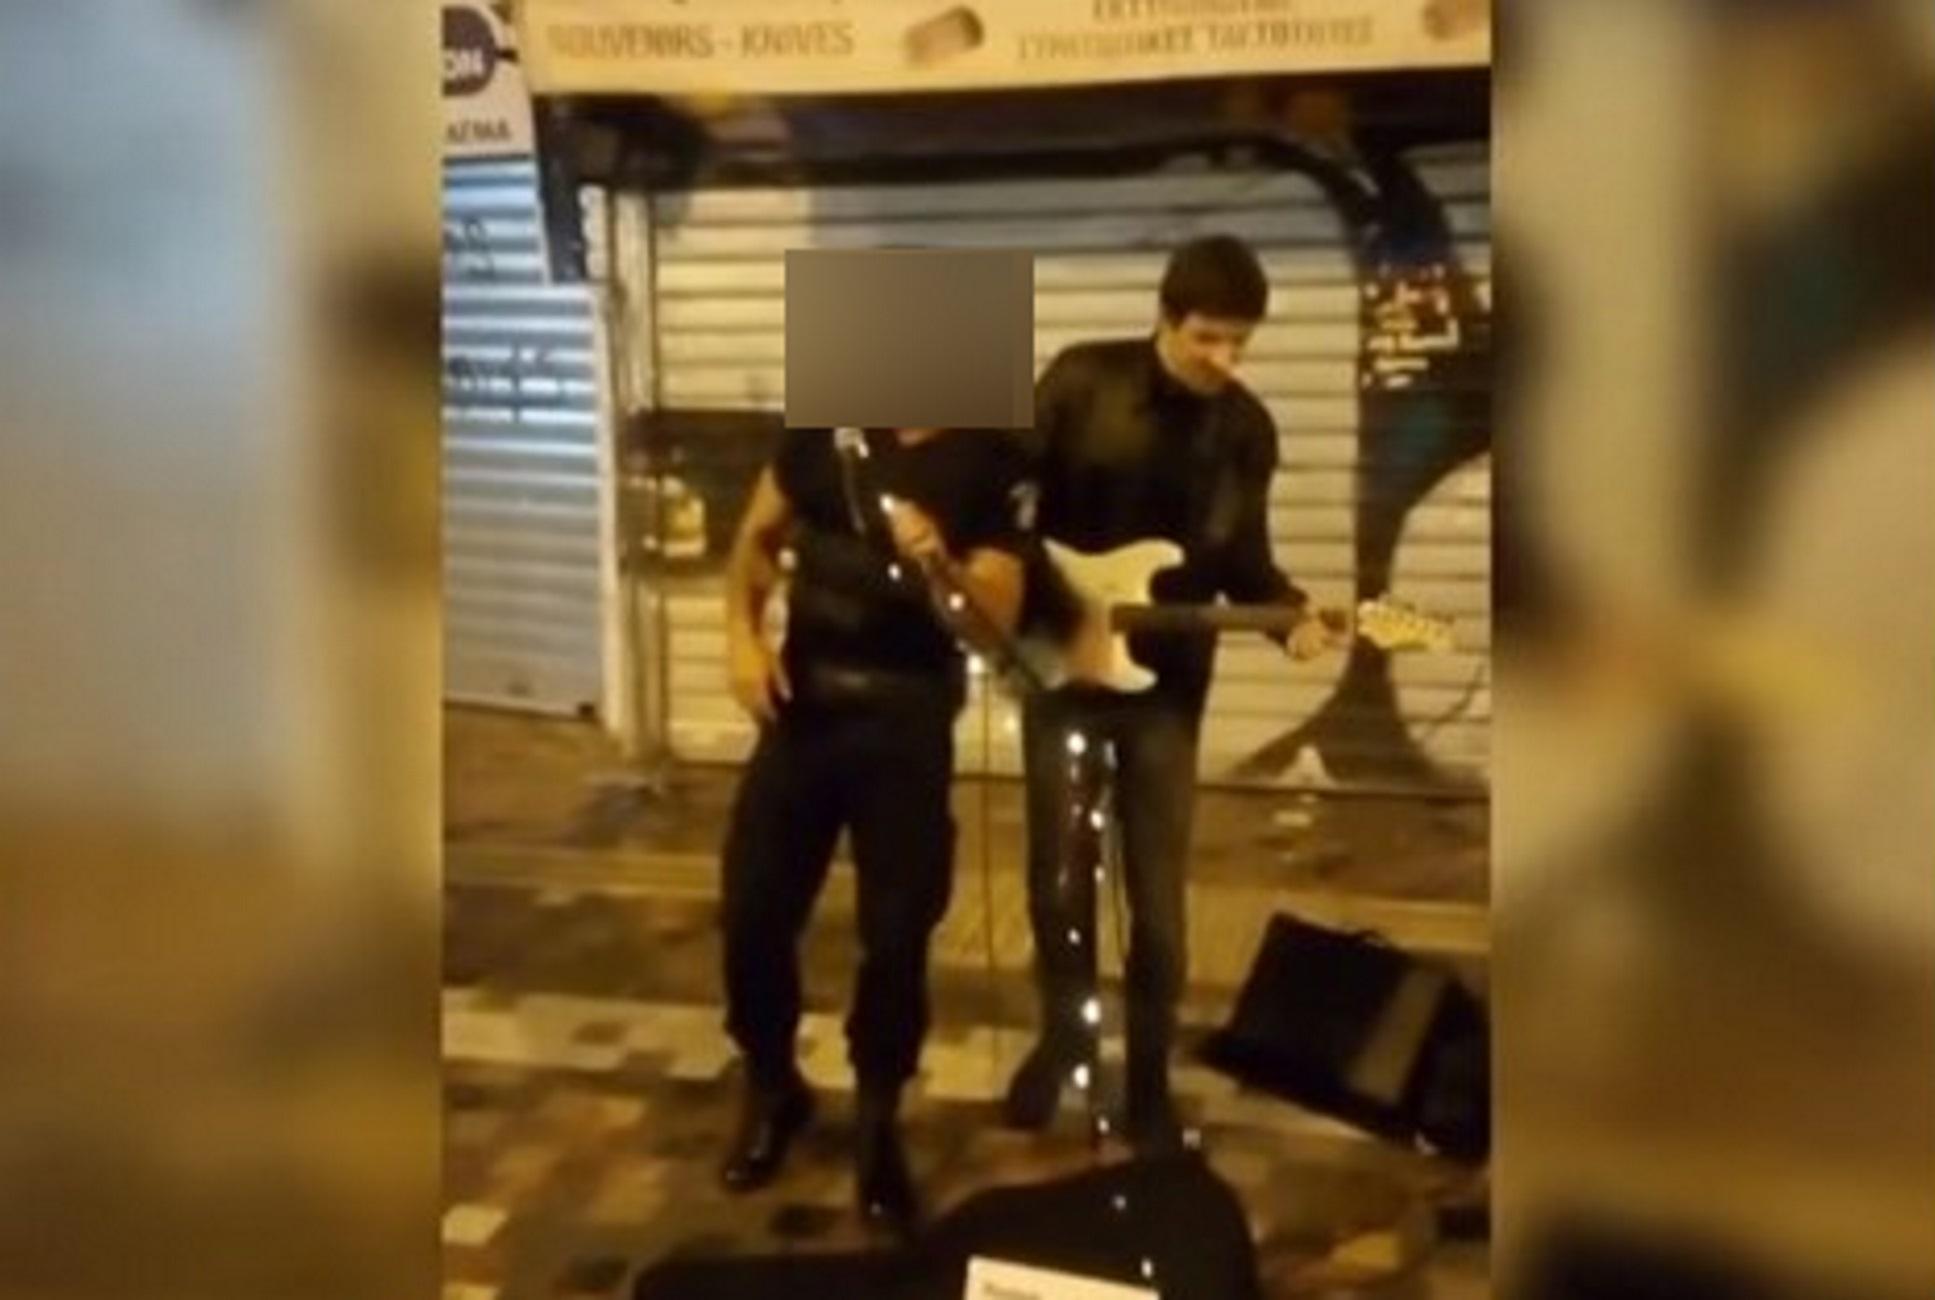 Μοναστηράκι: Αστυνομικός άρπαξε το μικρόφωνο και άφησε άφωνο τον κόσμο – Η εκπληκτική φωνή του και η αποθέωση